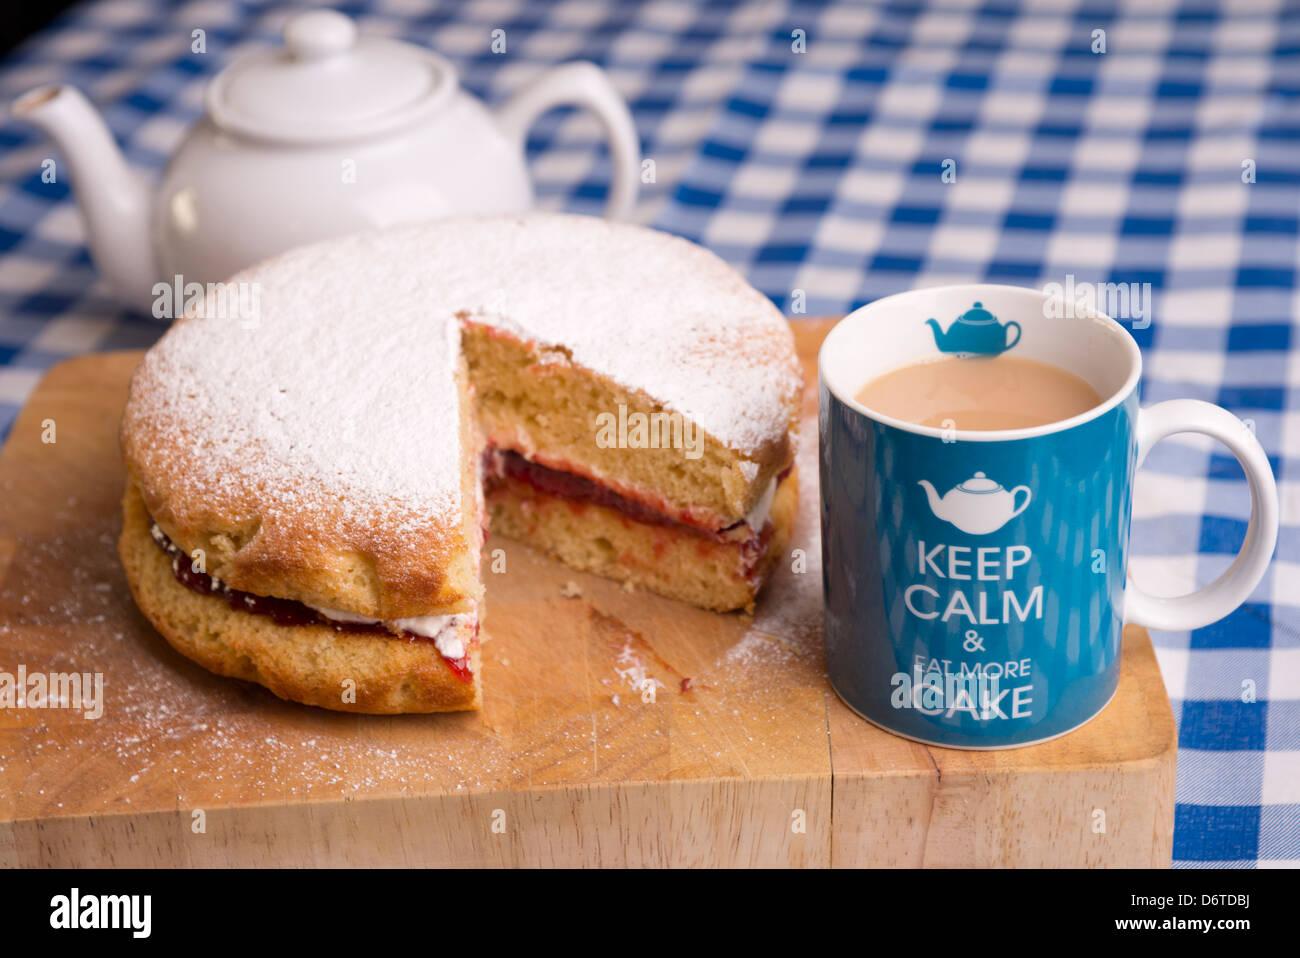 Ruhe Bewahren Und Essen Mehr Kuchen Tasse Tee Und Victoria Biskuit